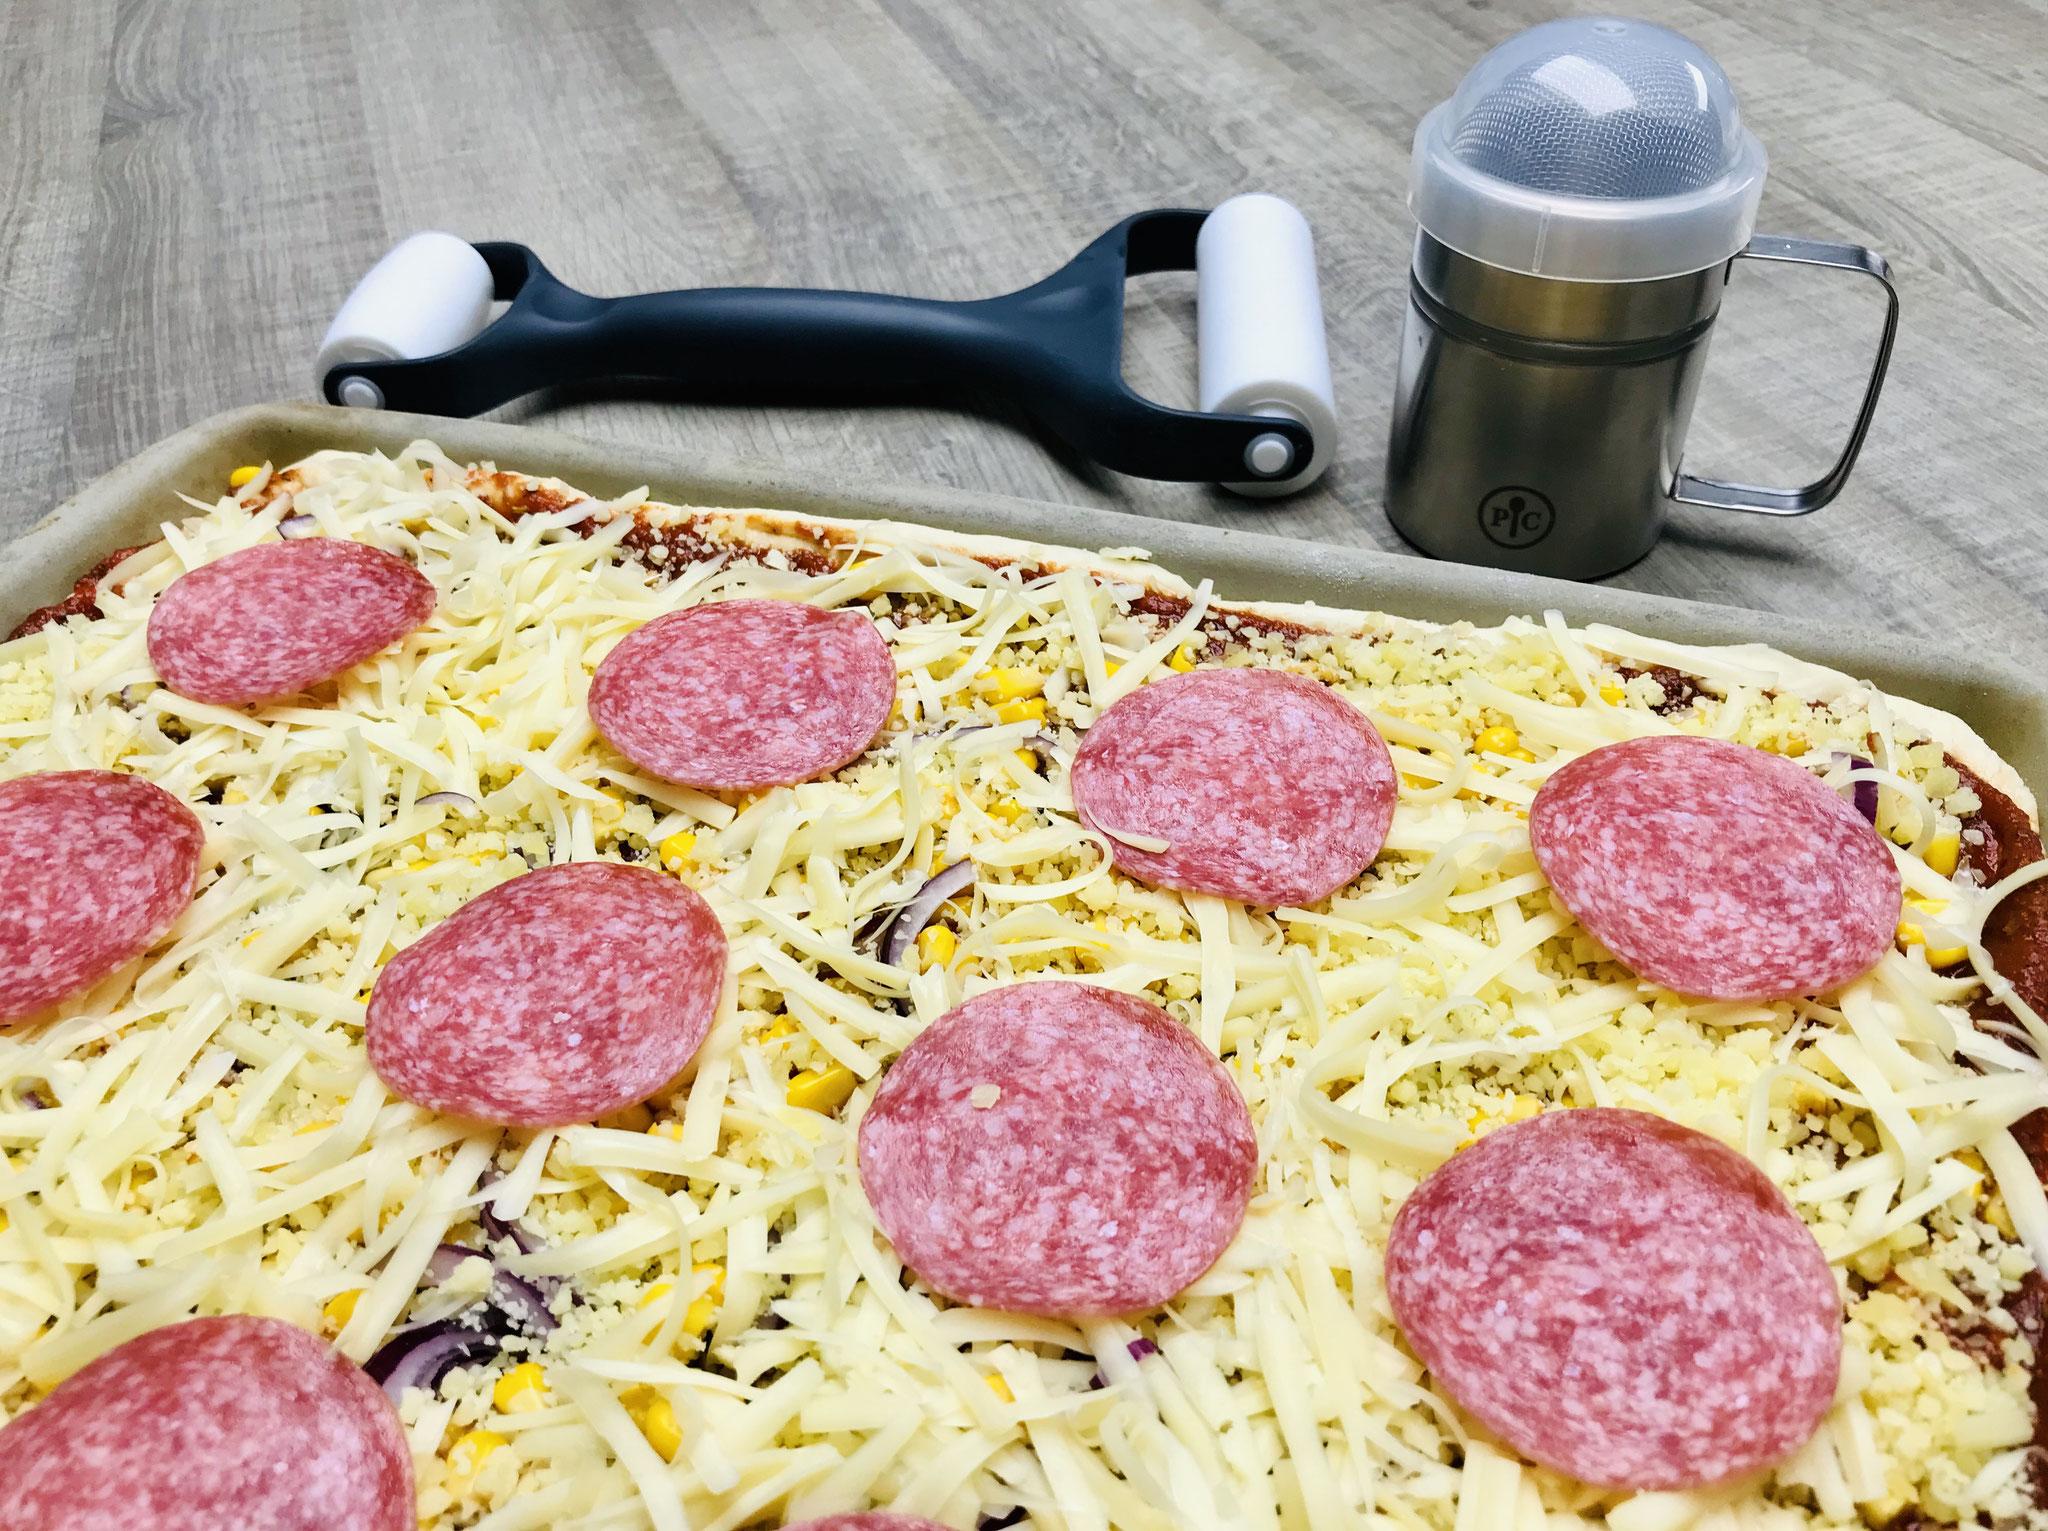 Leichtes arbeiten hast du wenn du den Teigroller, Streufix, Microplane® Reibe, Küchenhobel und natürlich den Ofenzauberer von Pampered Chef in deiner Küche hast...